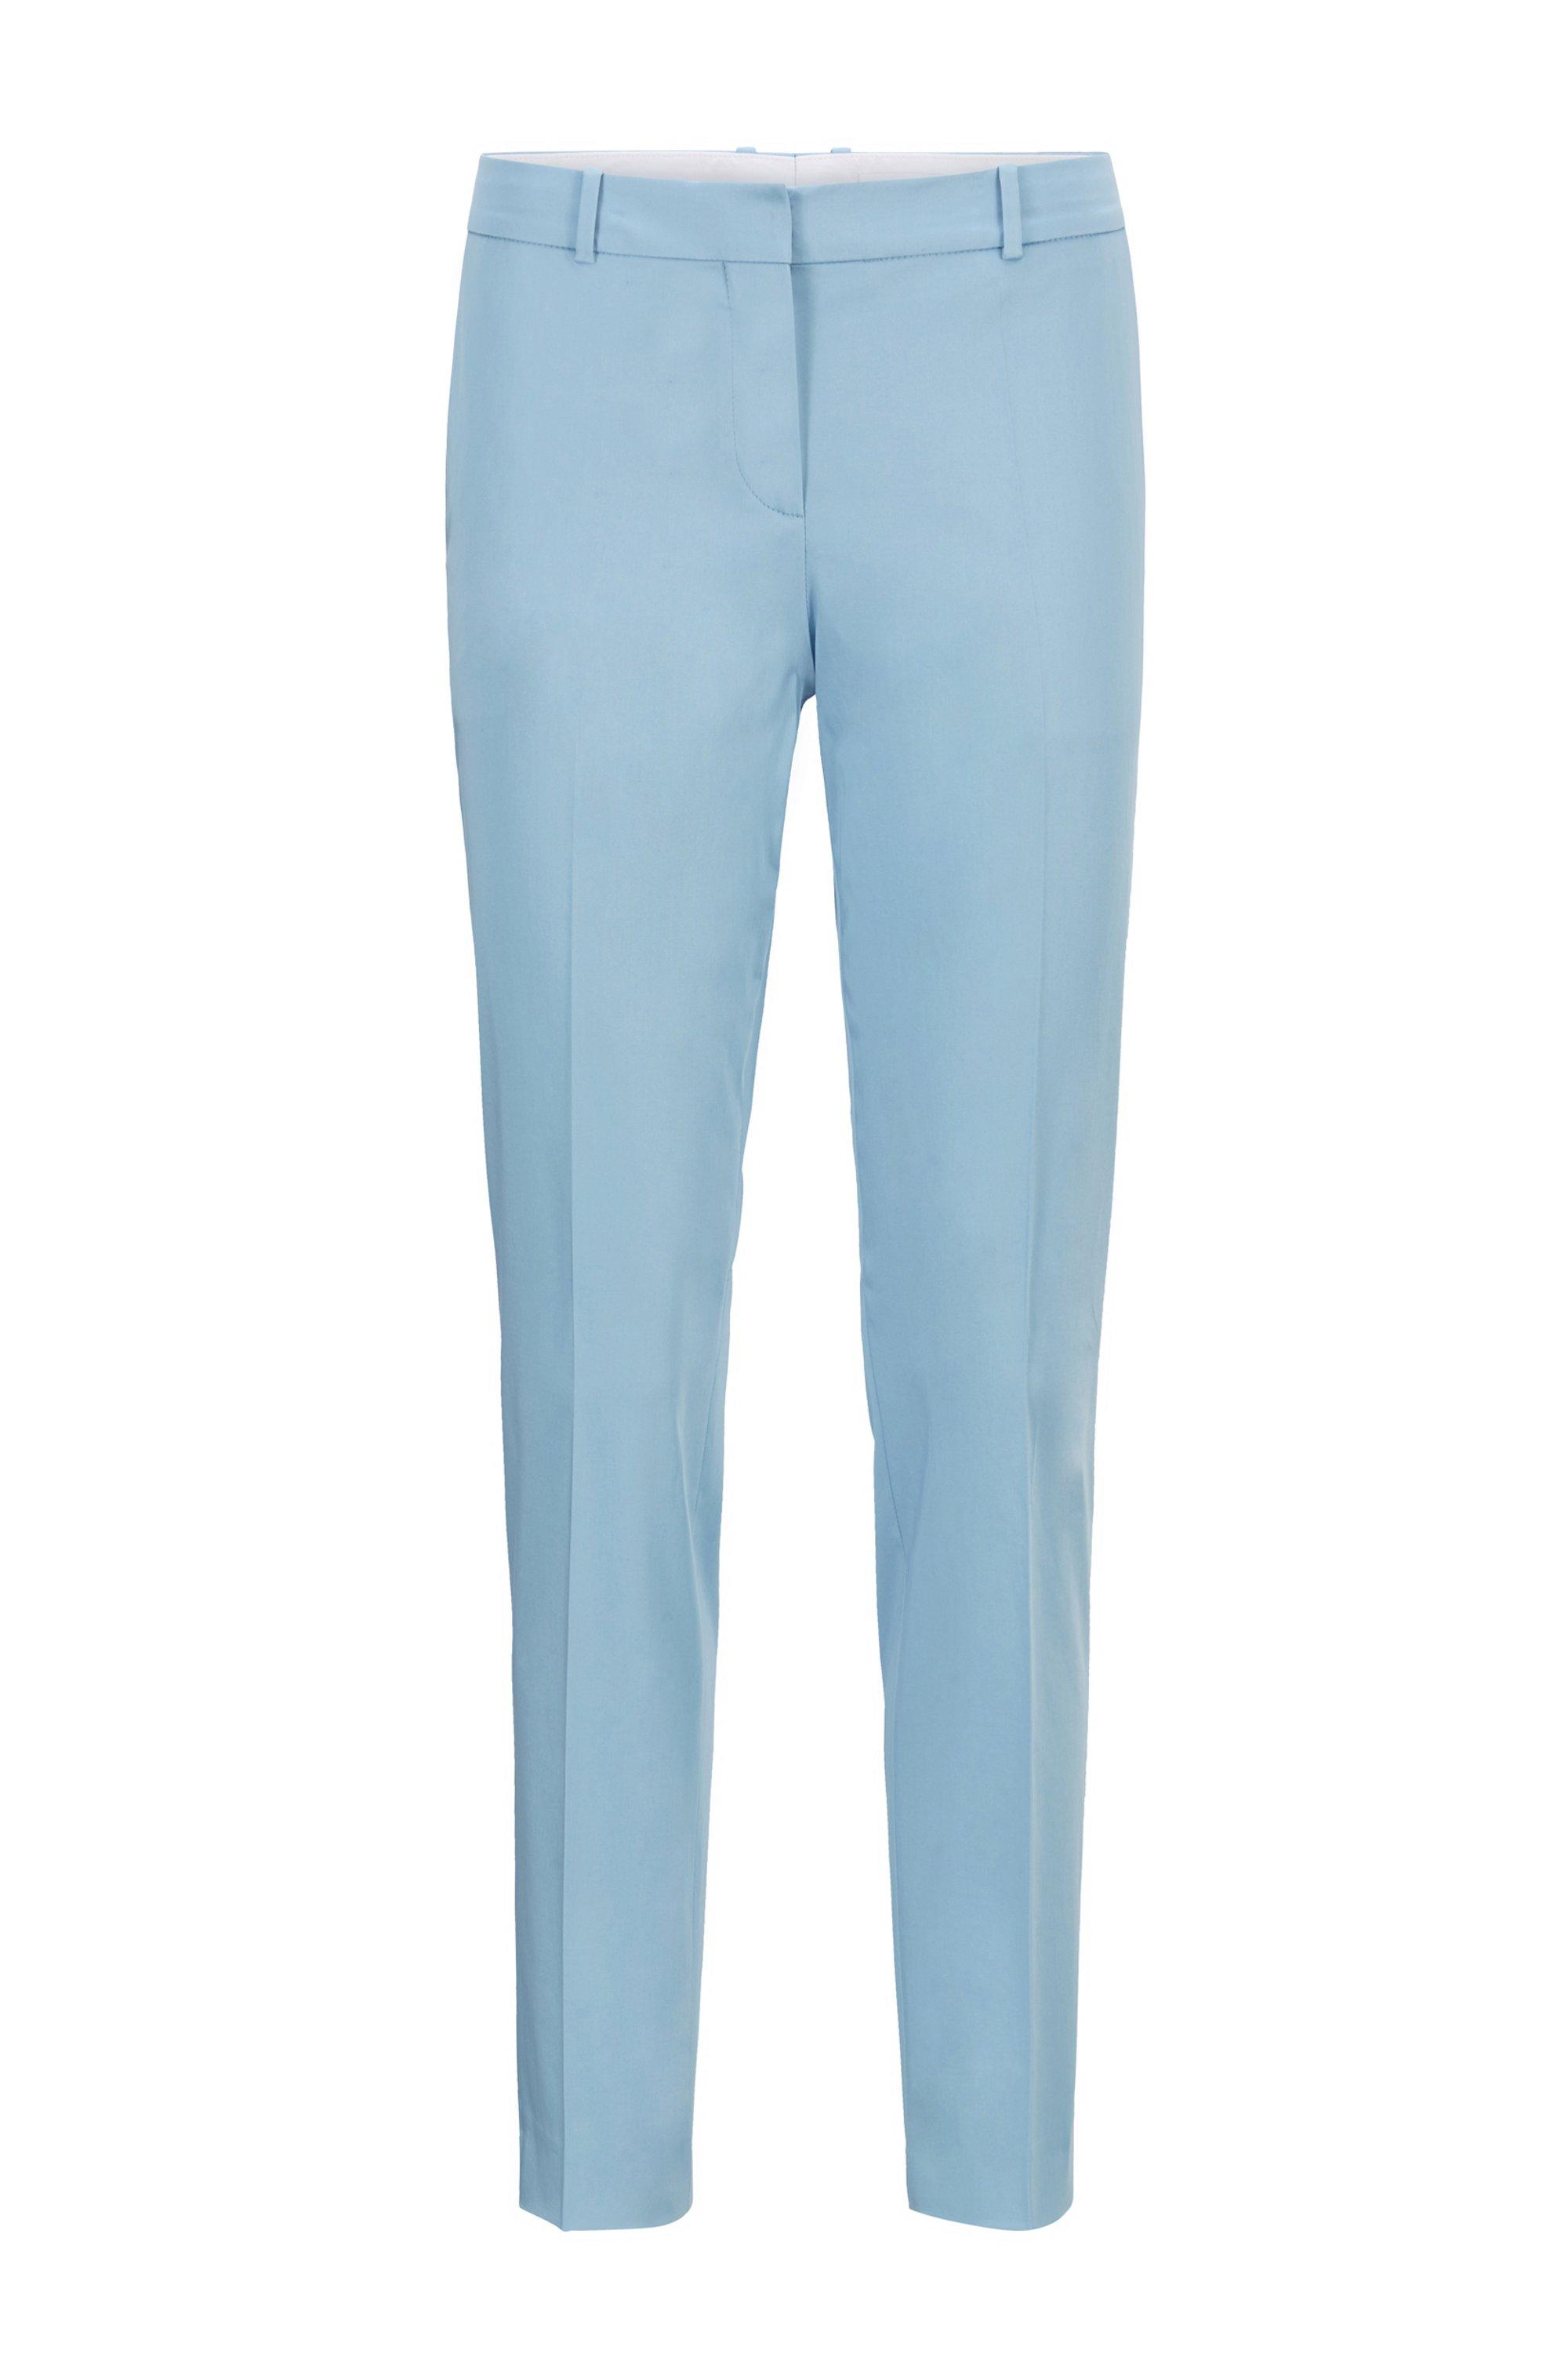 Regular-Fit Hose in Cropped-Länge aus elastischem Bio-Baumwoll-Satin, Hellblau